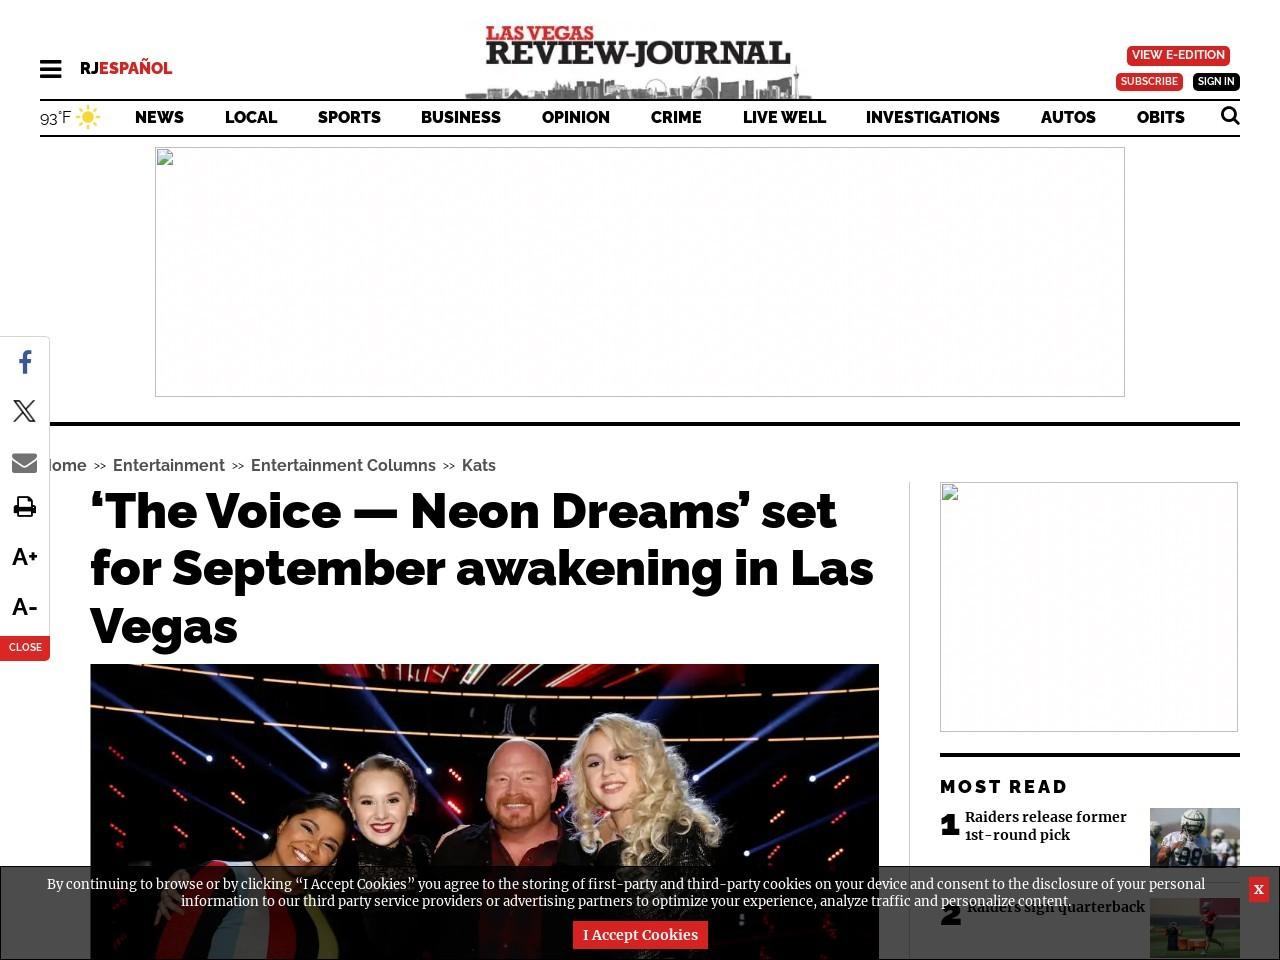 'The Voice — Neon Dreams' set for September awakening in Las Vegas